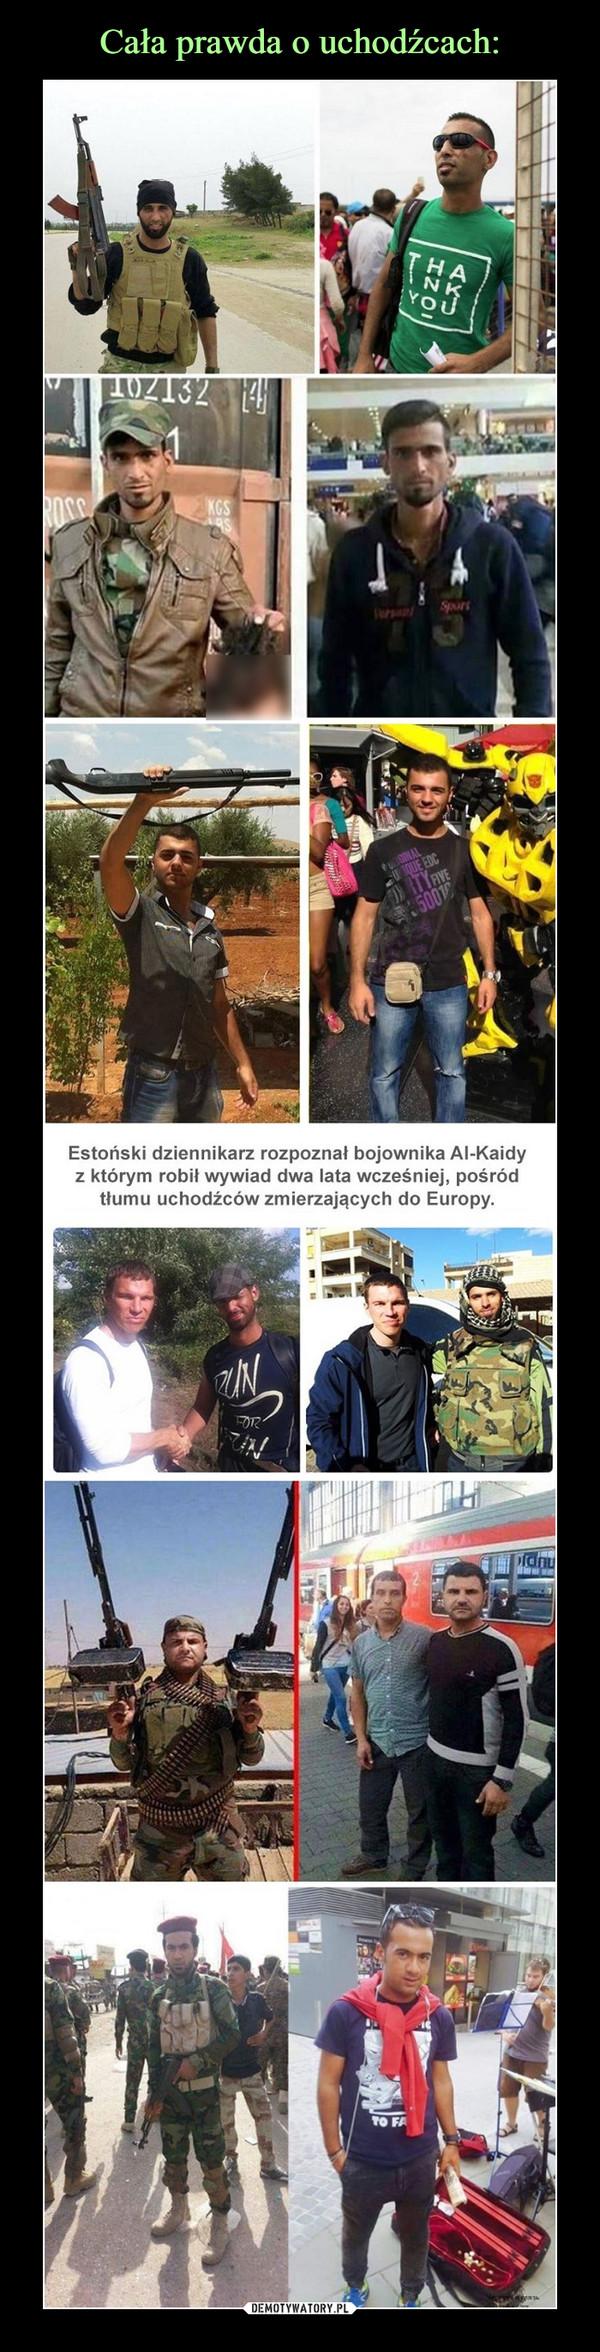 –  Estoński dziennikarz rozpoznał bojownika AI-Kaidy z którym robił wywiad dwa lata wcześniej, pośród tłumu uchodźców zmierzających do Europy.